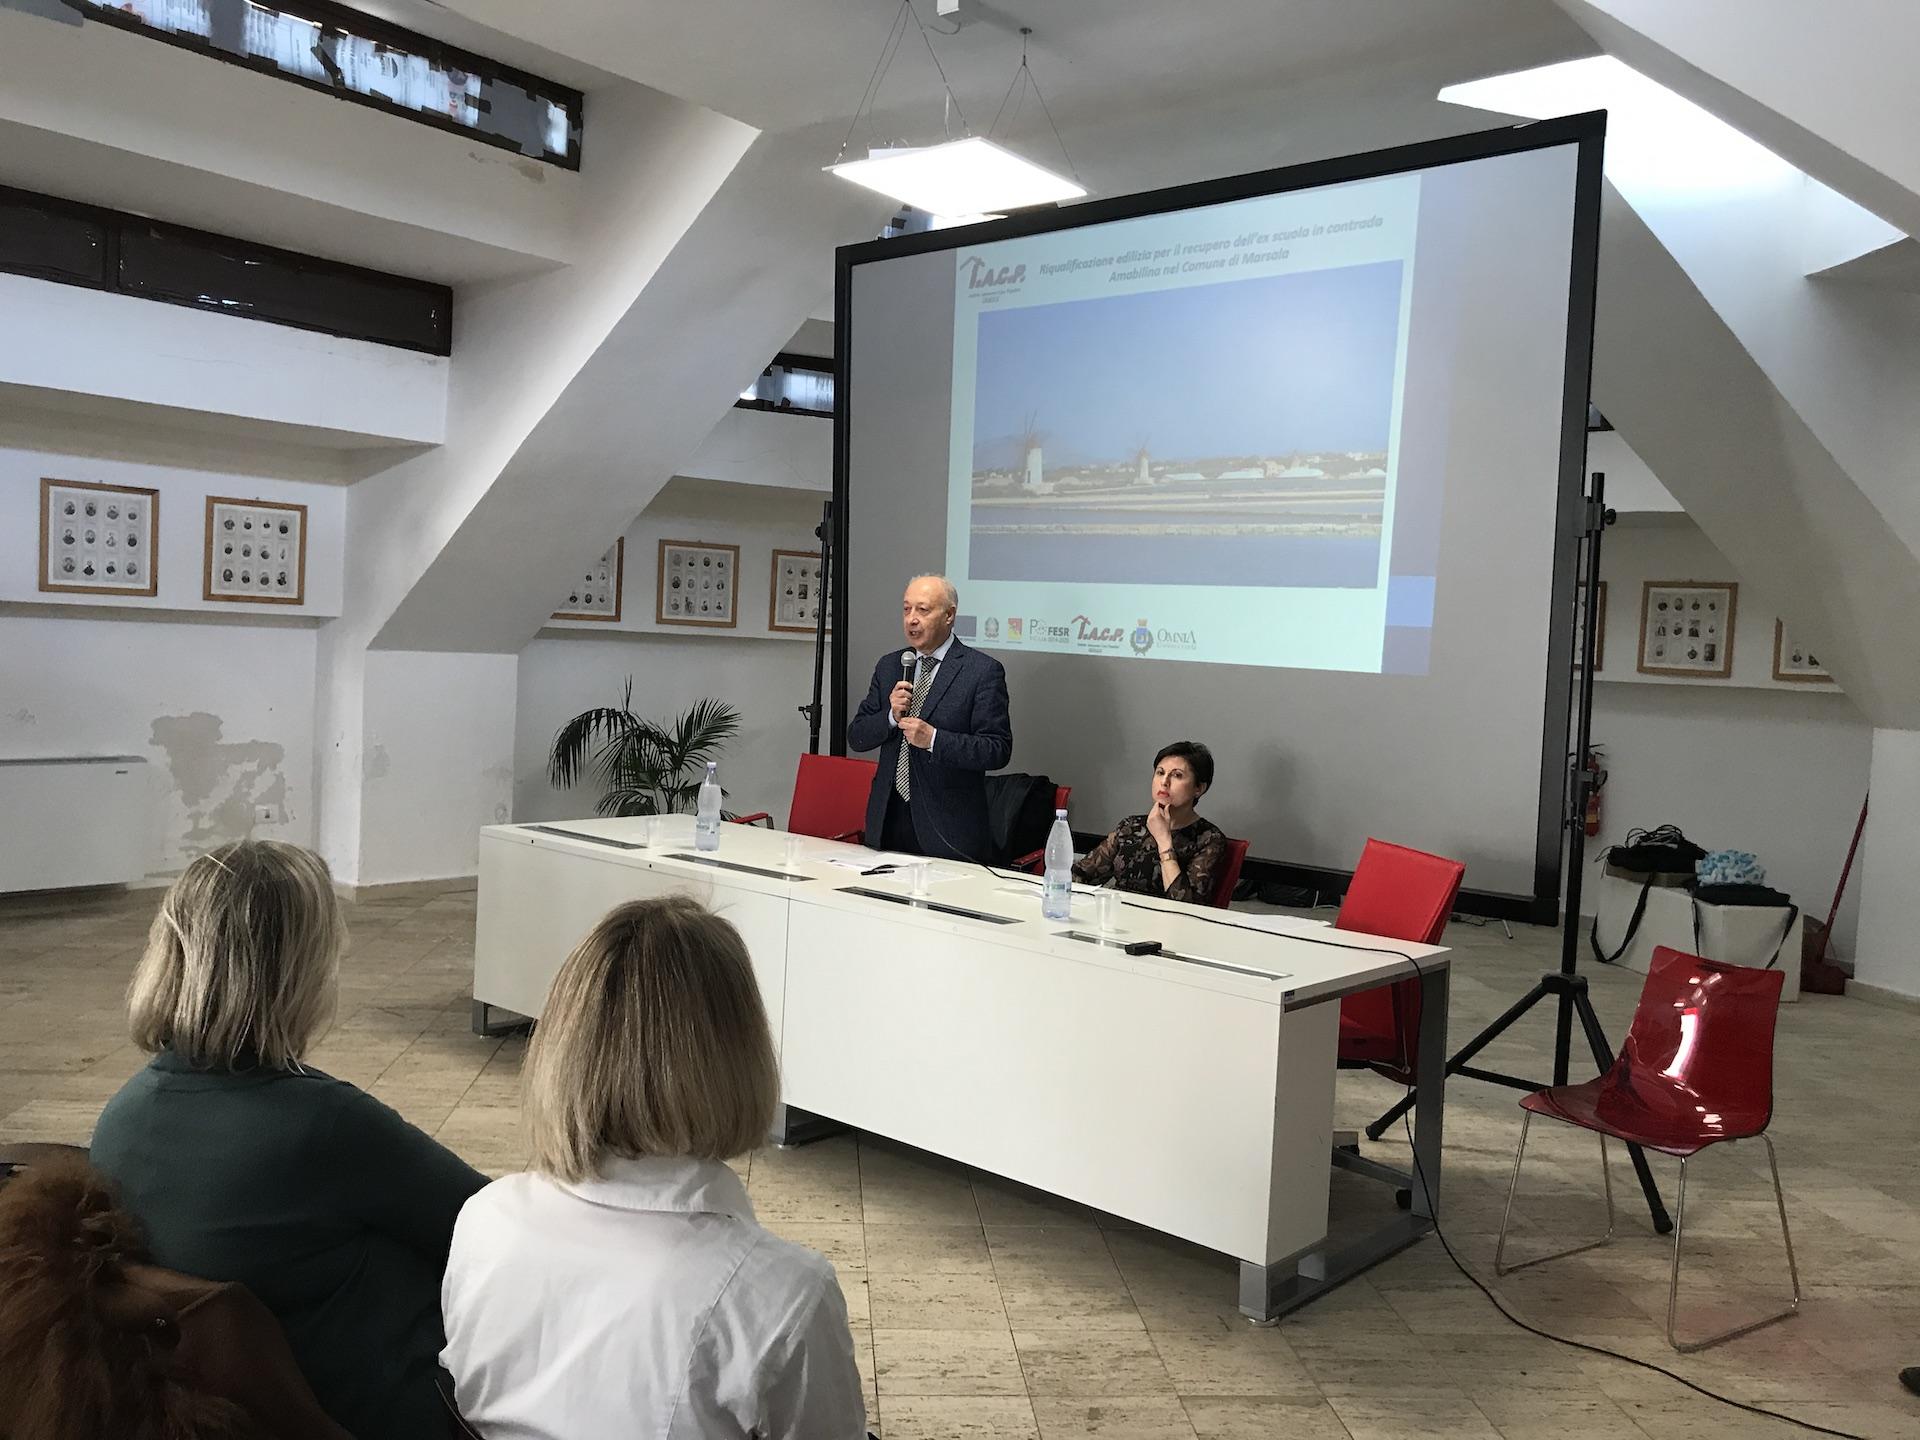 Conferenza stampa di presentazione del progetto Social Housing Amabilina